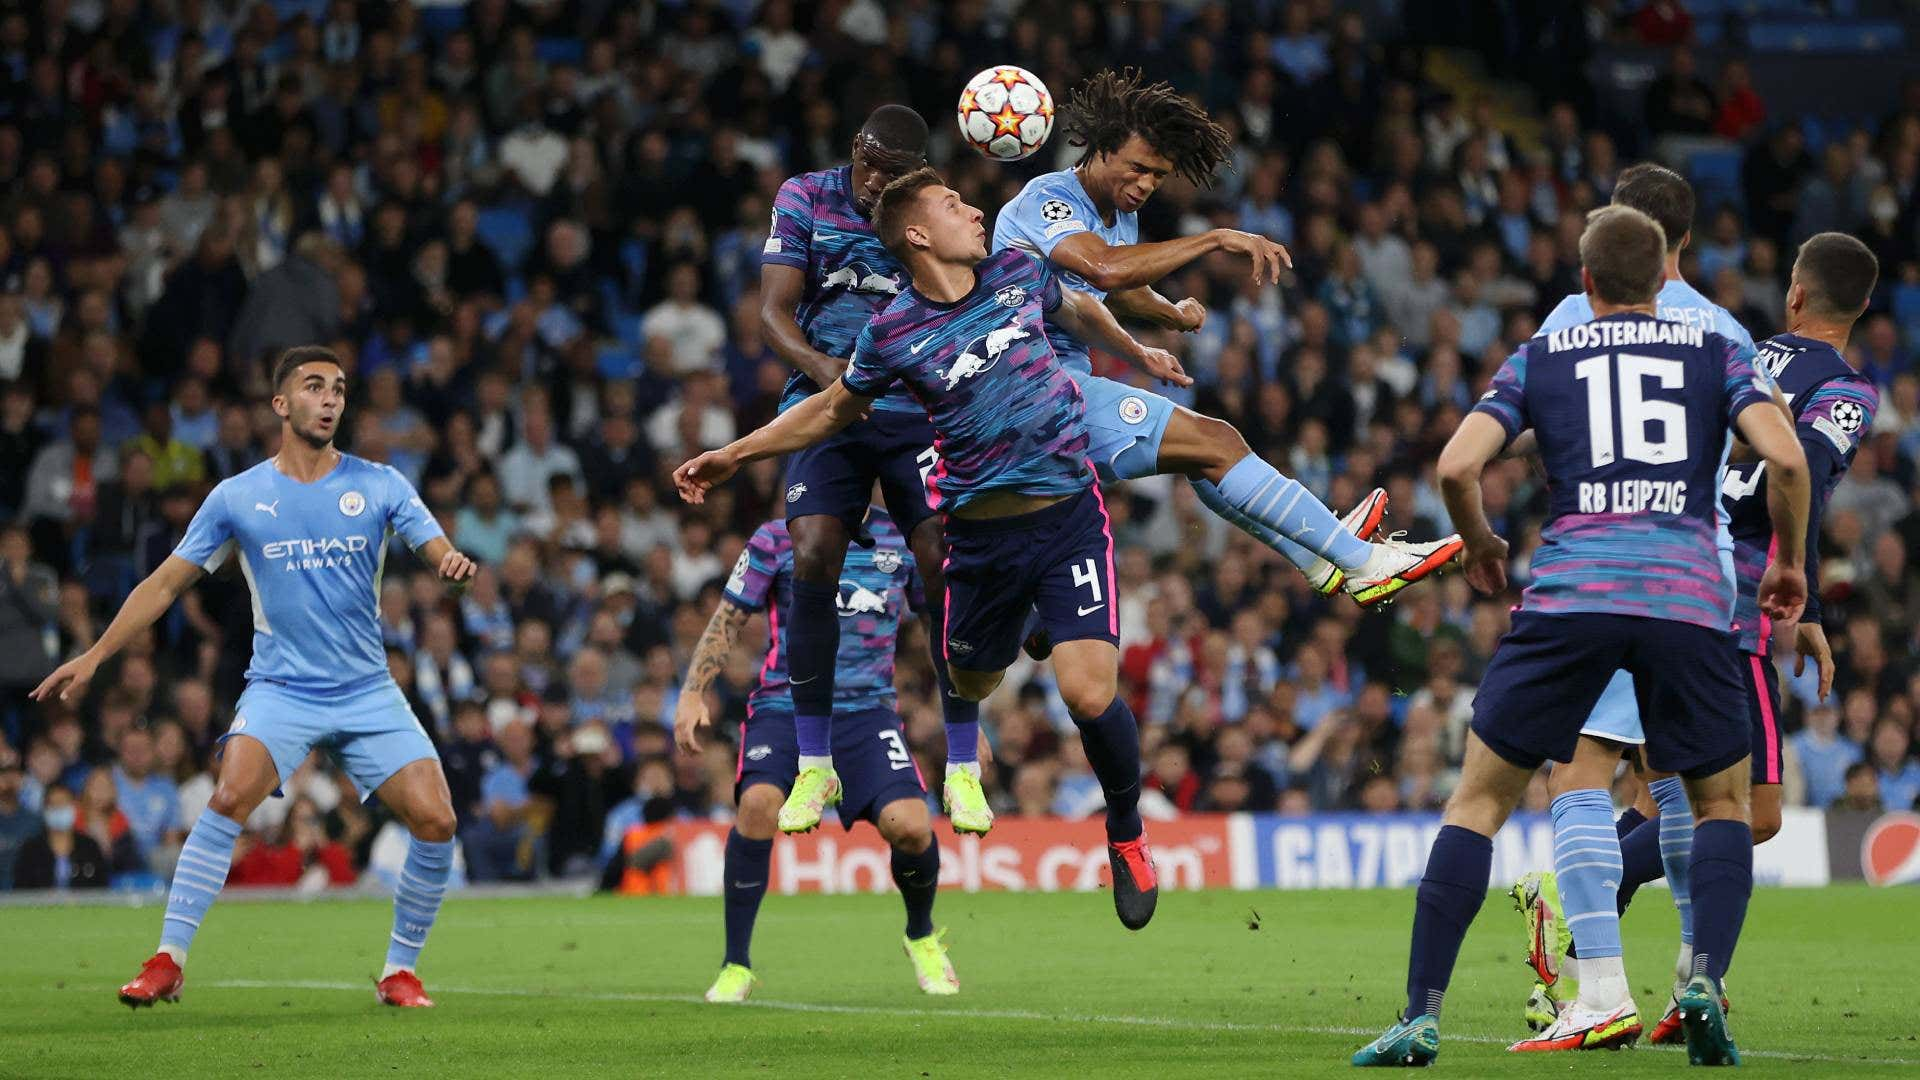 Fußball heute live auf DAZN: Diese Champions-League-Spiele werden am Dienstag übertragen   Goal.com